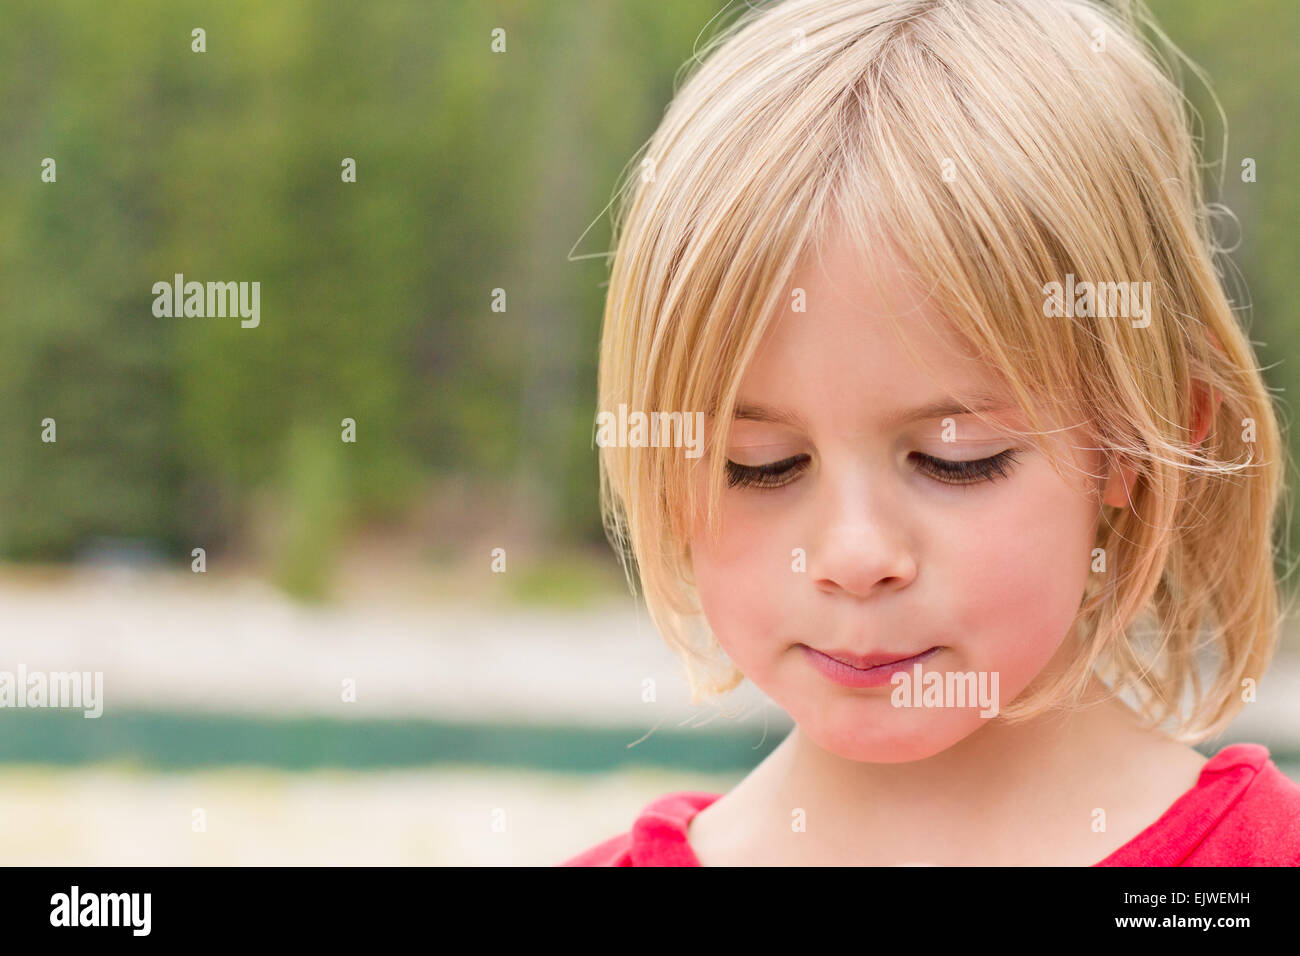 Tímida Niña mirando hacia abajo con una tímida mirada Imagen De Stock